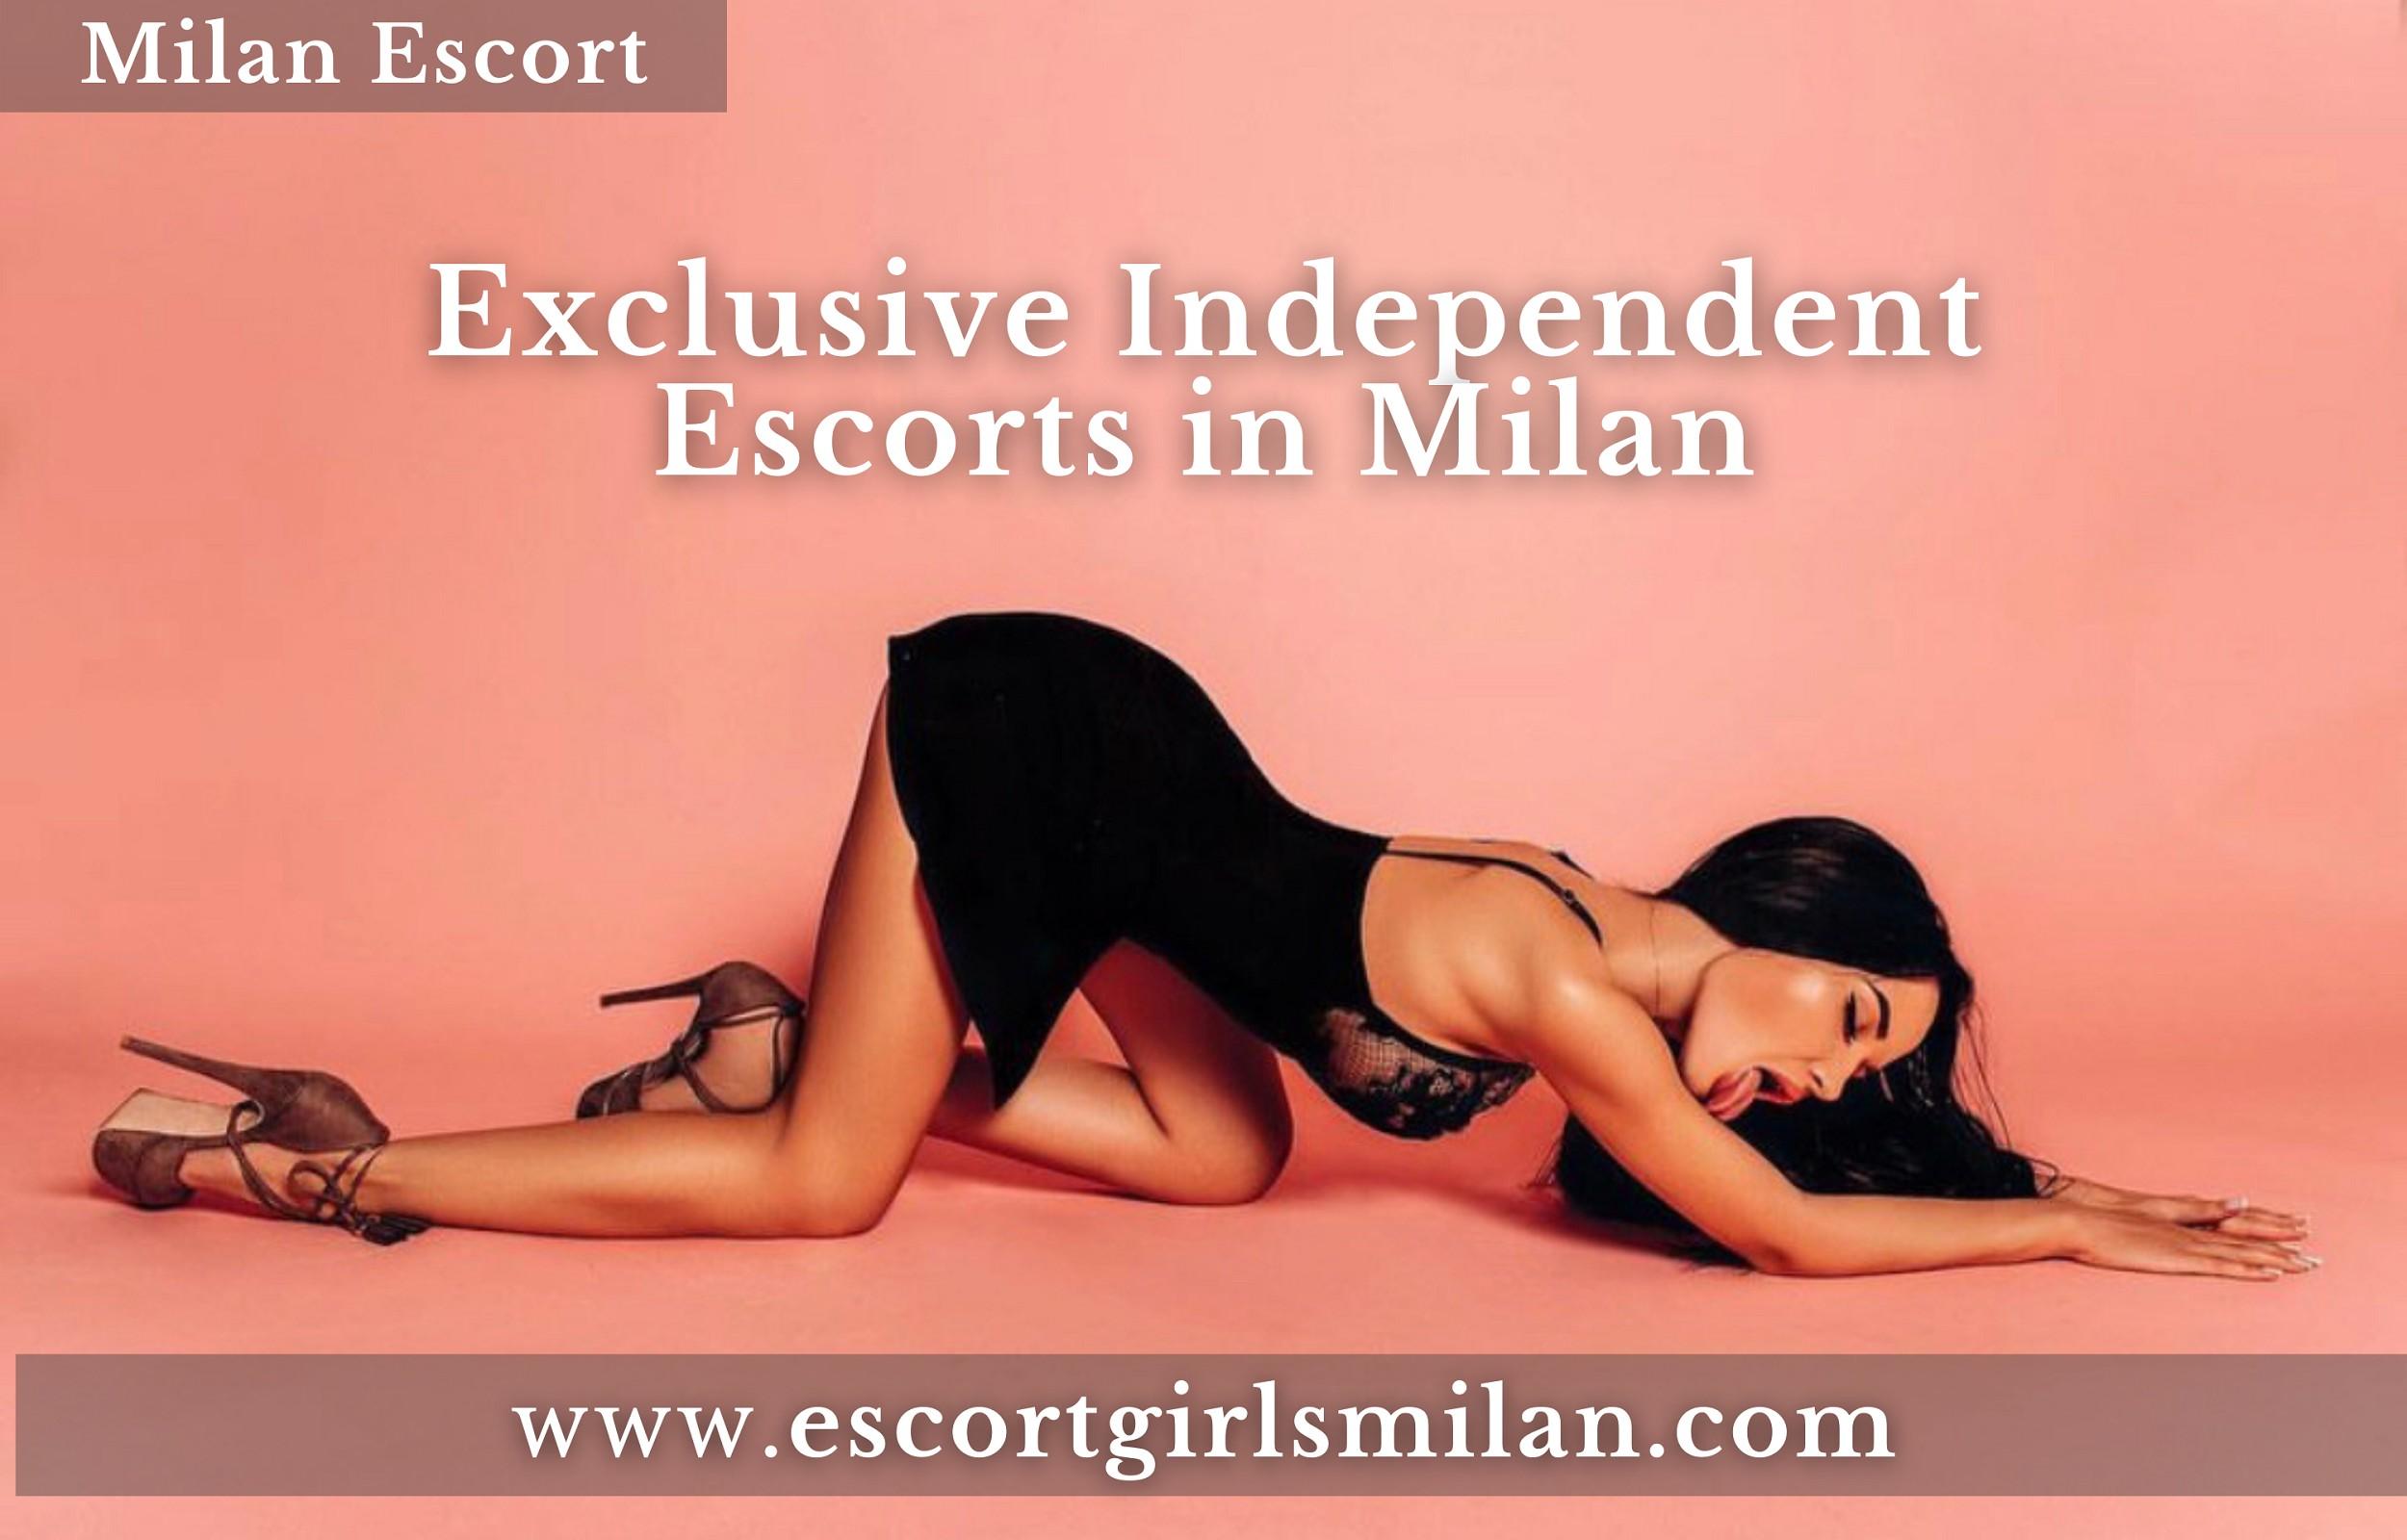 Exclusive Independent Escorts in Milan